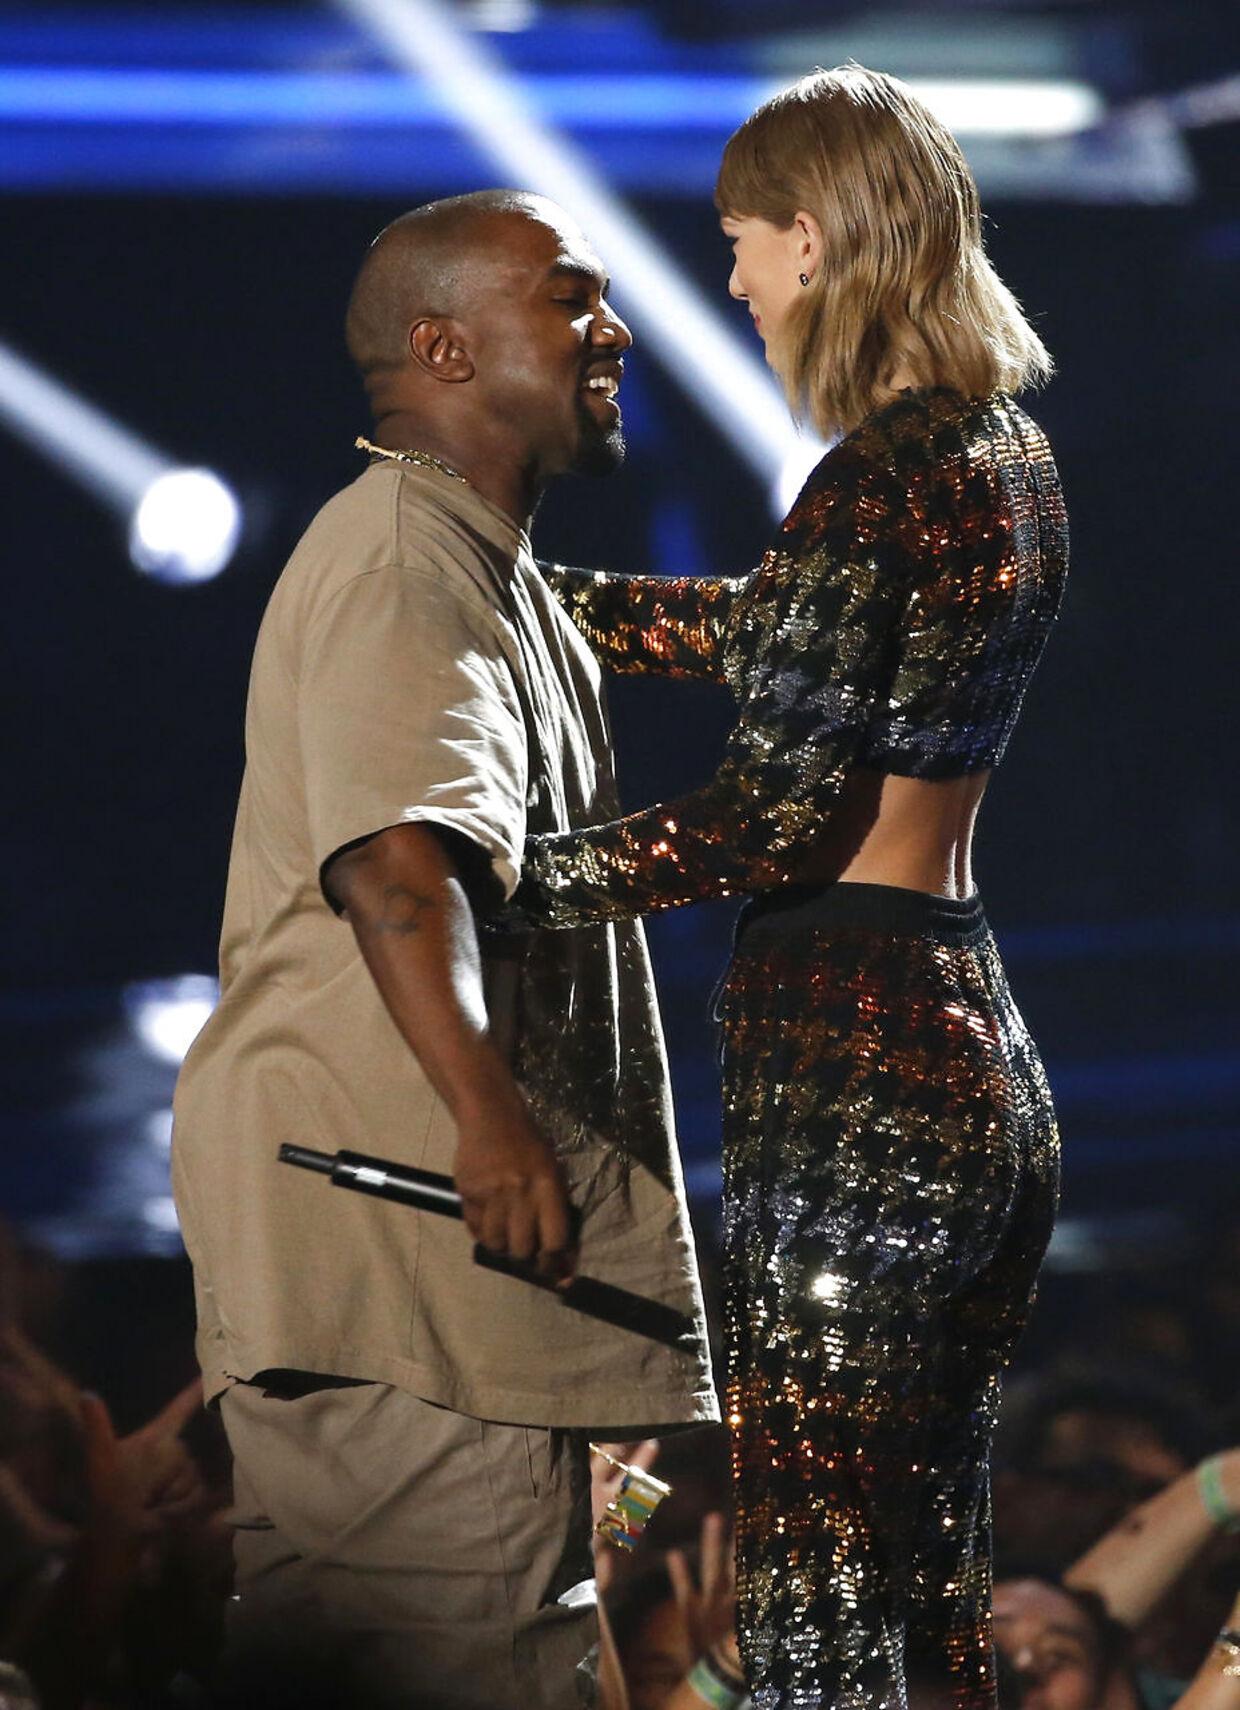 Her giver Taylor Swift frivilligt en pris til Kanye West - MTV Video Music Awards i Los Angeles 2015.